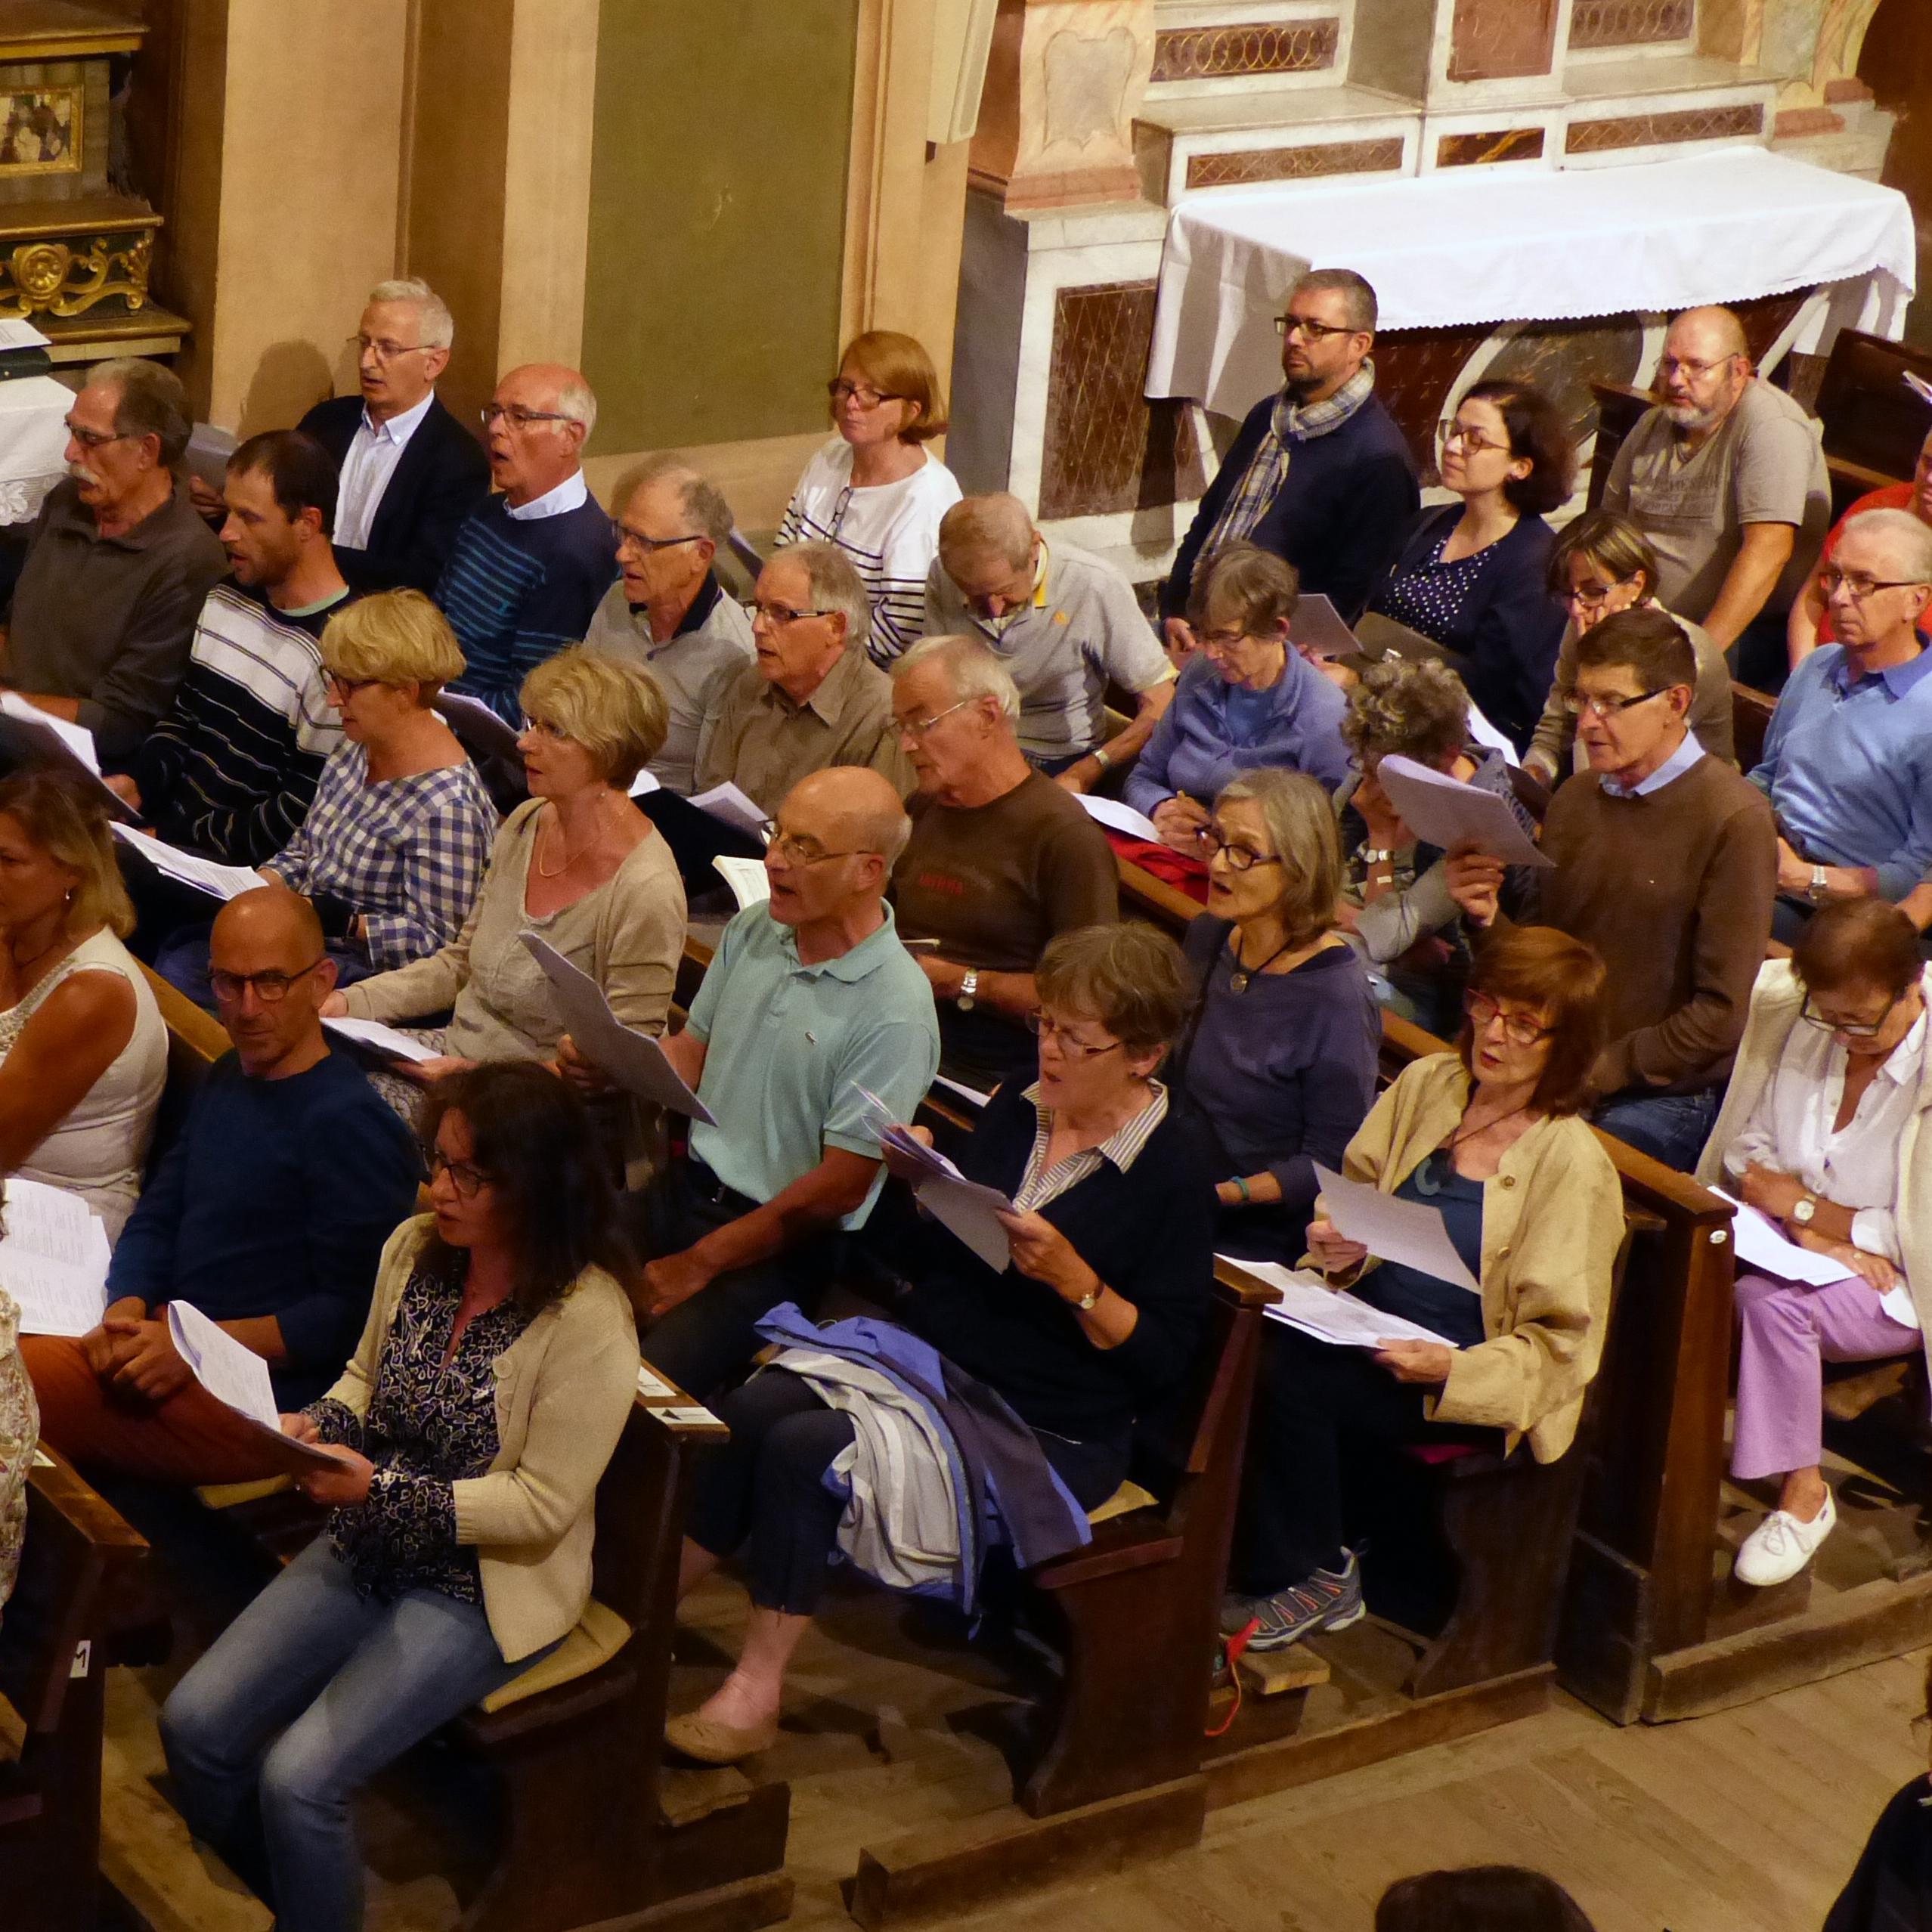 Le public chante des chorals de la Passion selon Saint Matthieu